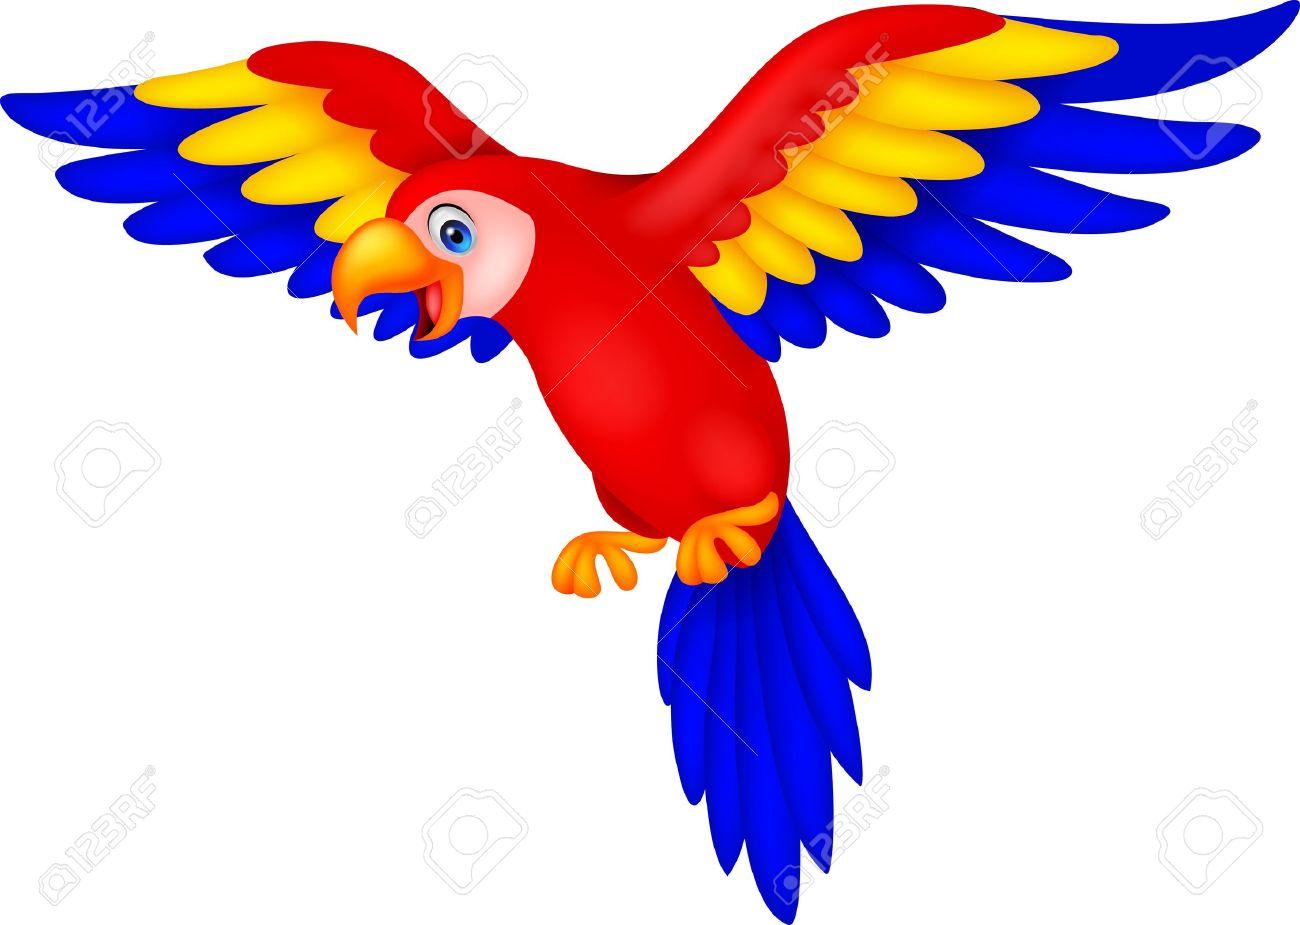 1300x925 Parakeet Clipart Cute Flying Bird